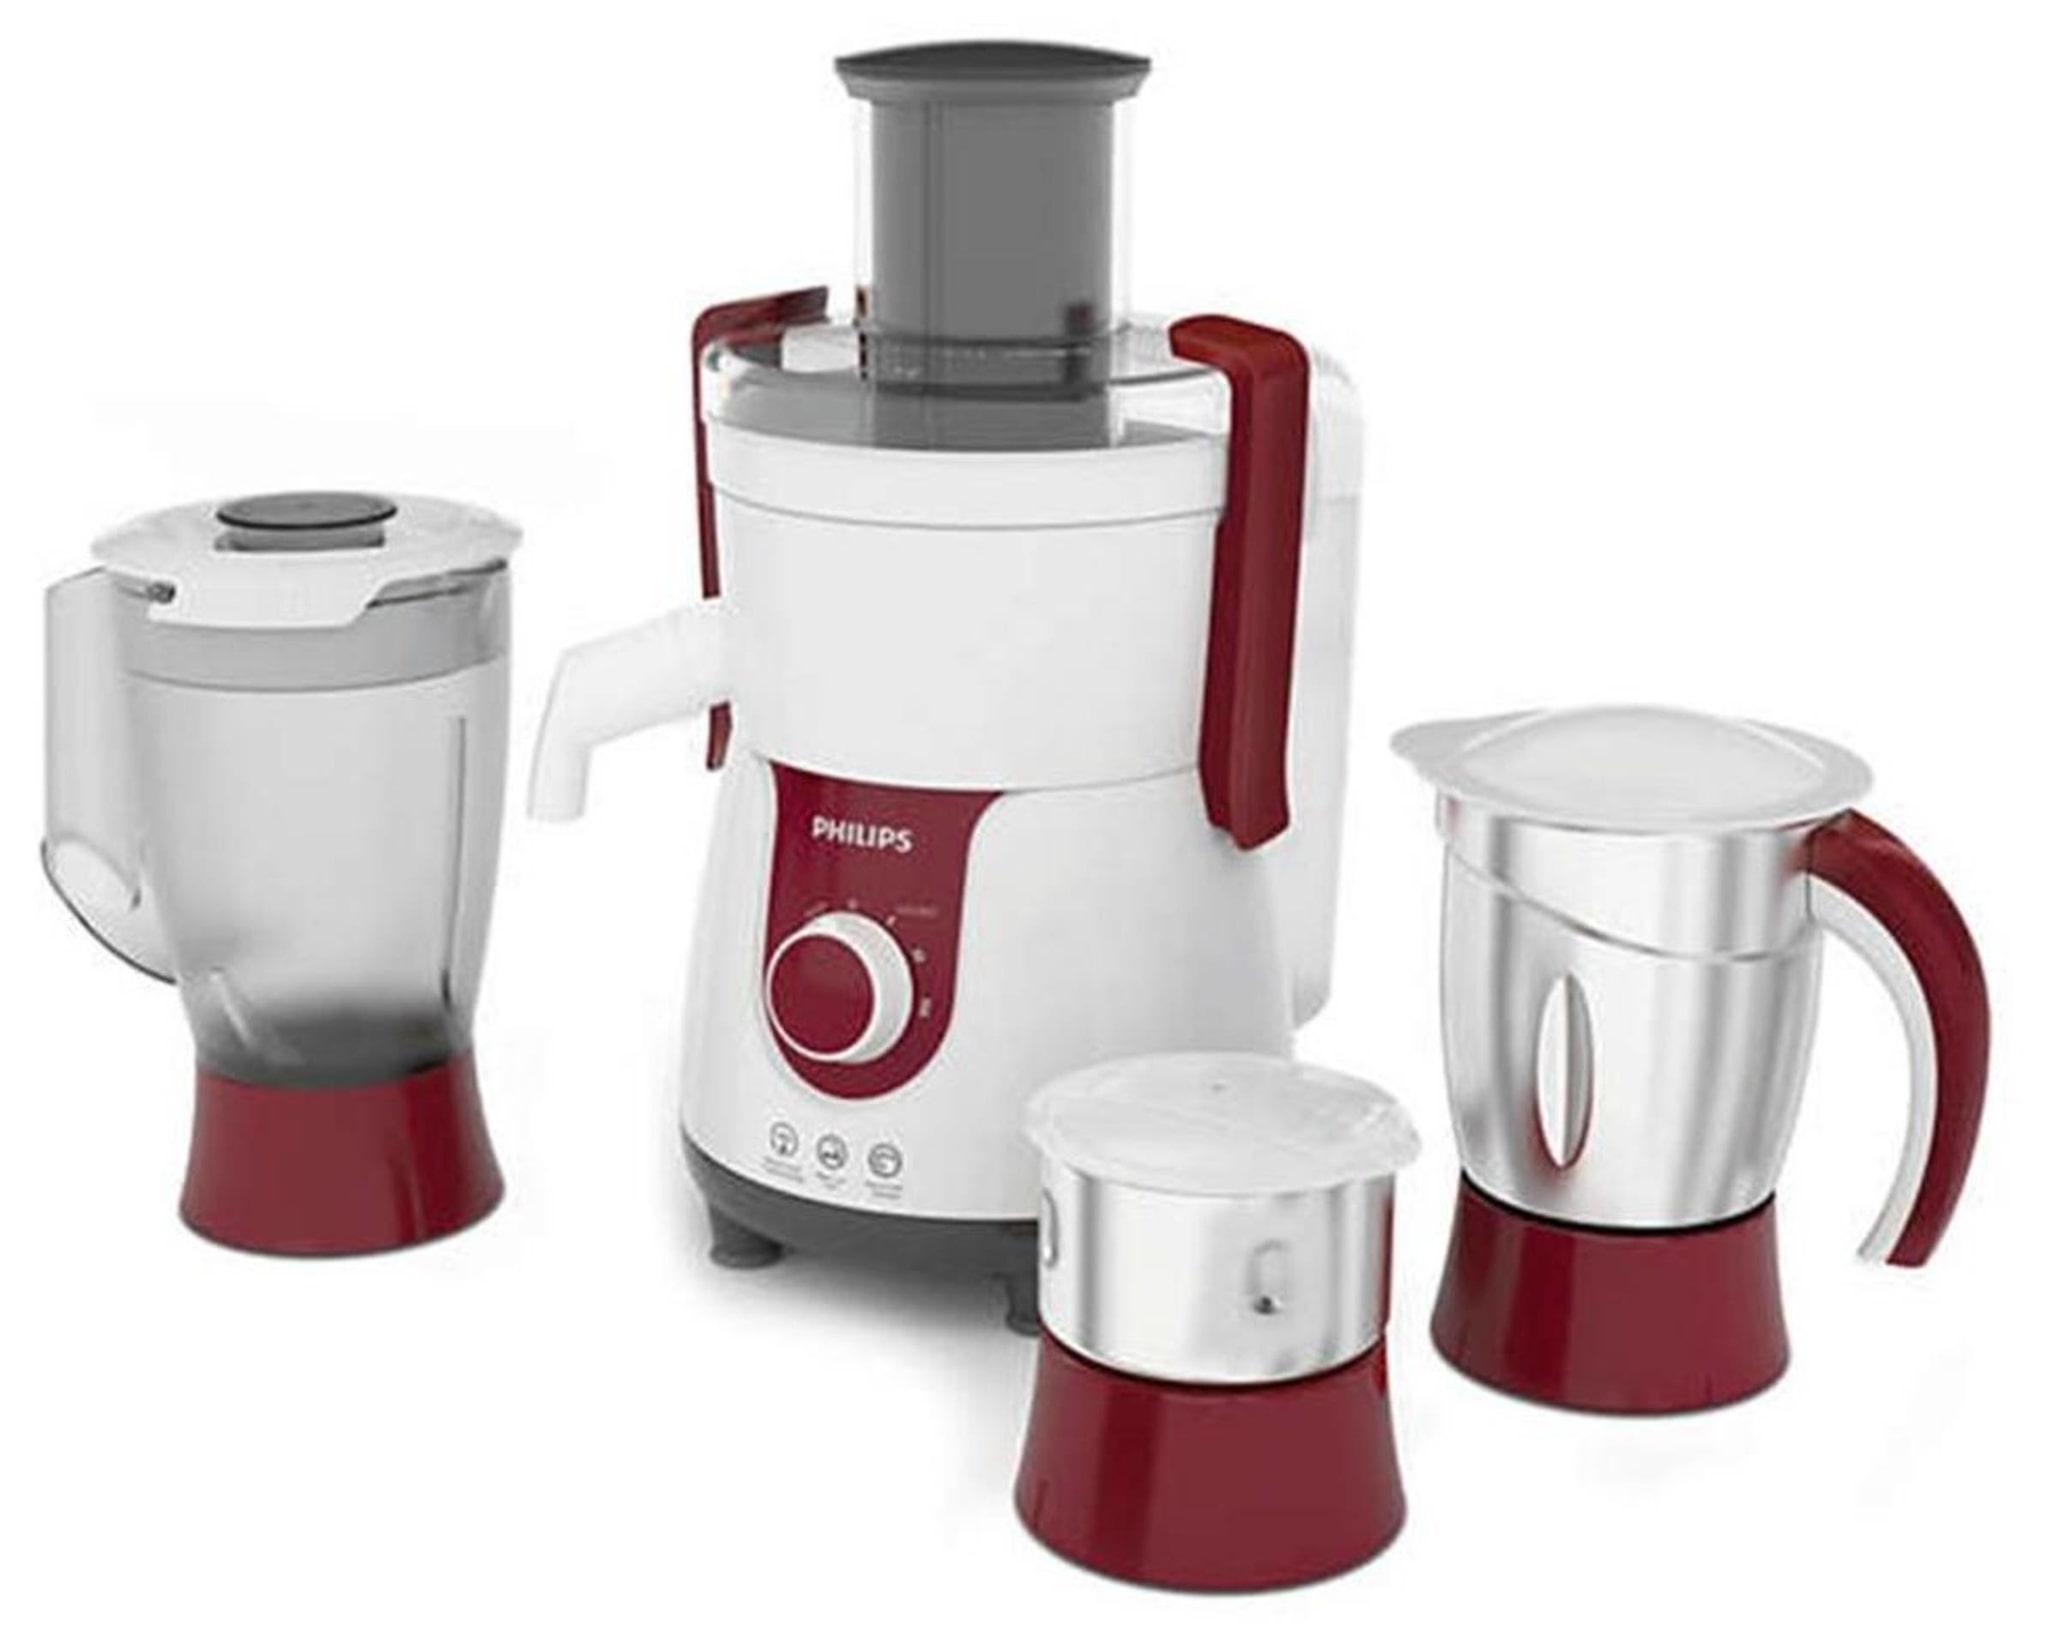 Philips HL7715/00 700 W Juicer Mixer Grinder (White & Red/3 Jar)